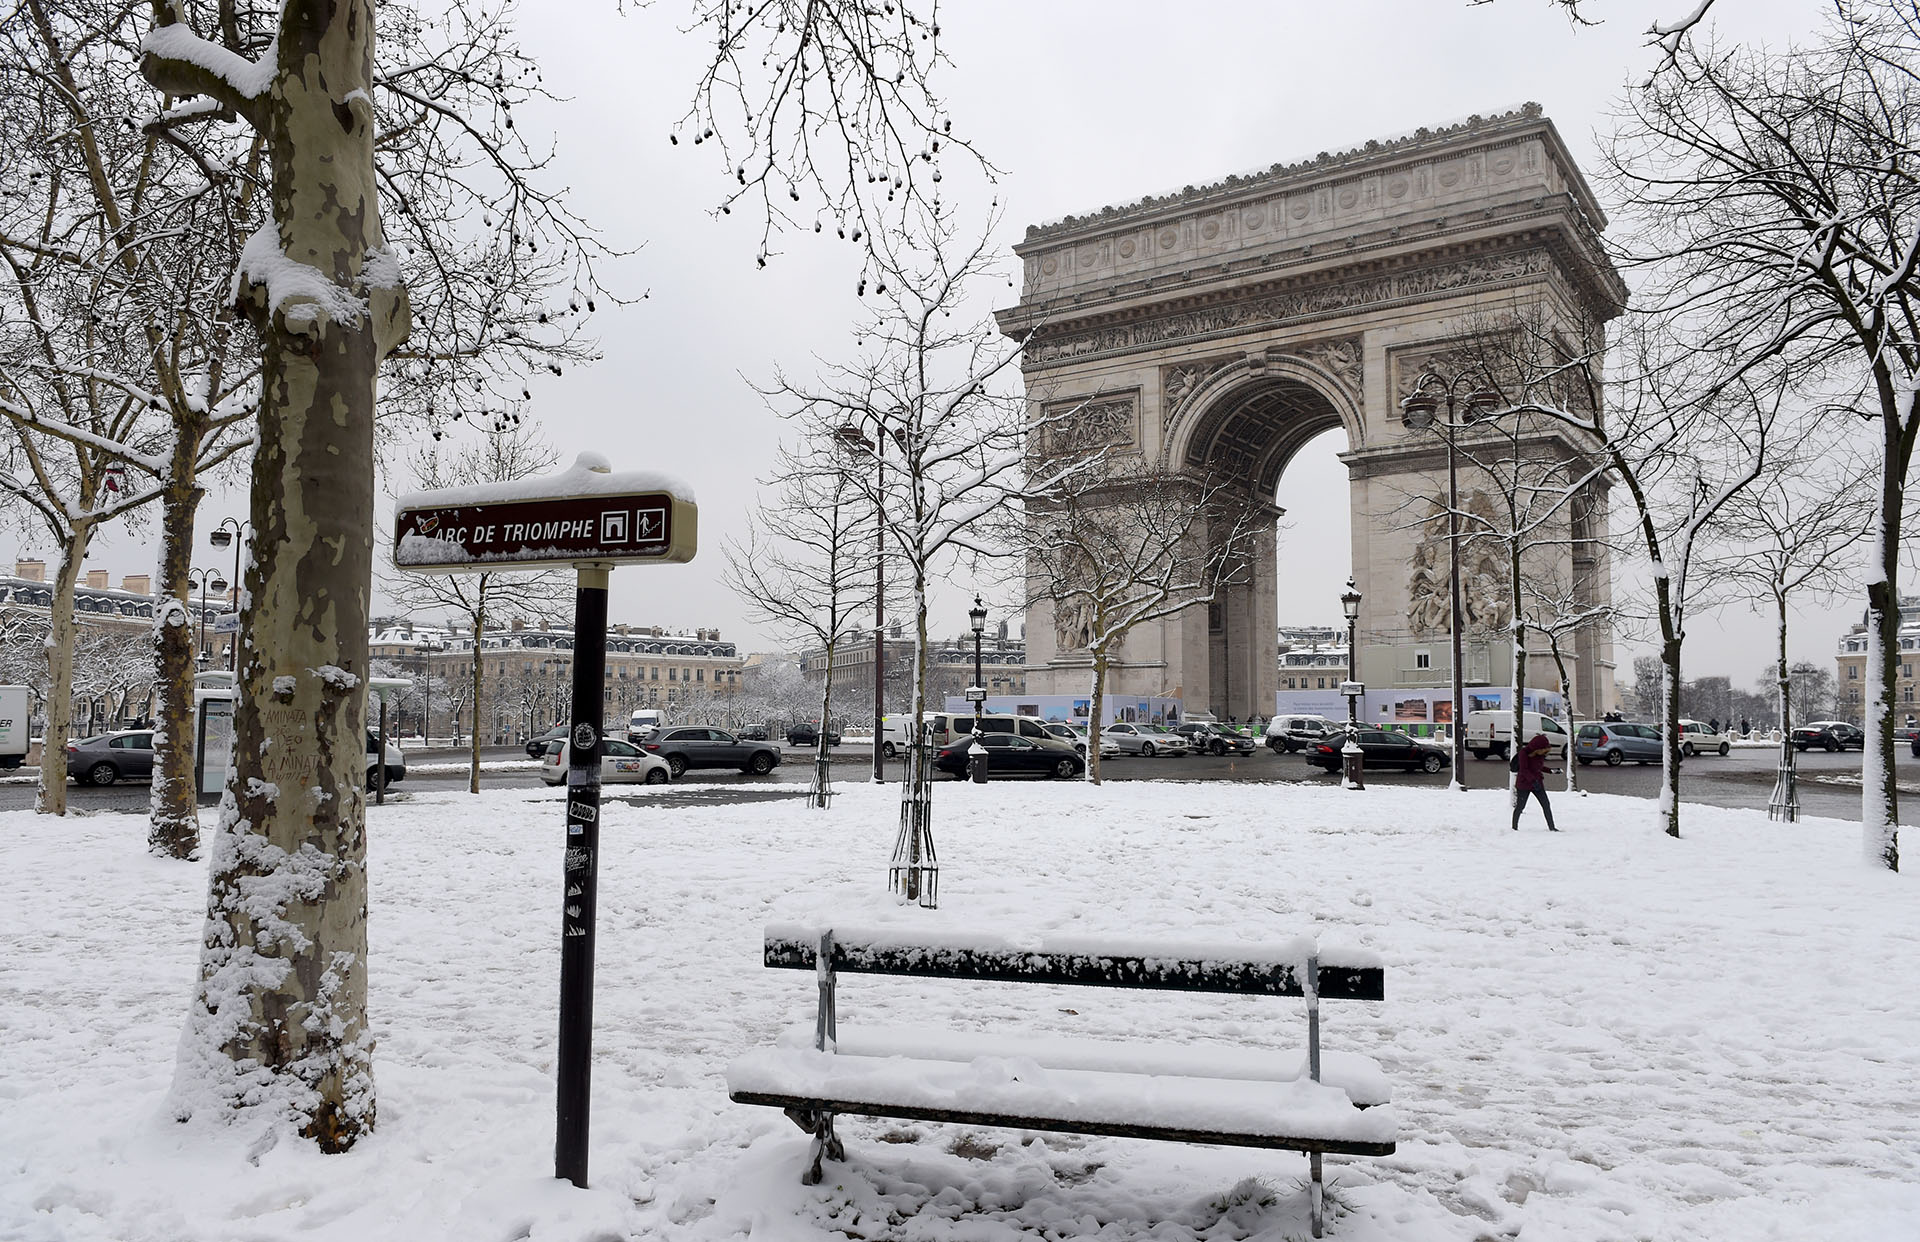 El Arco de Triunfo, en otra postal parisina que muestra un inusual color blanco